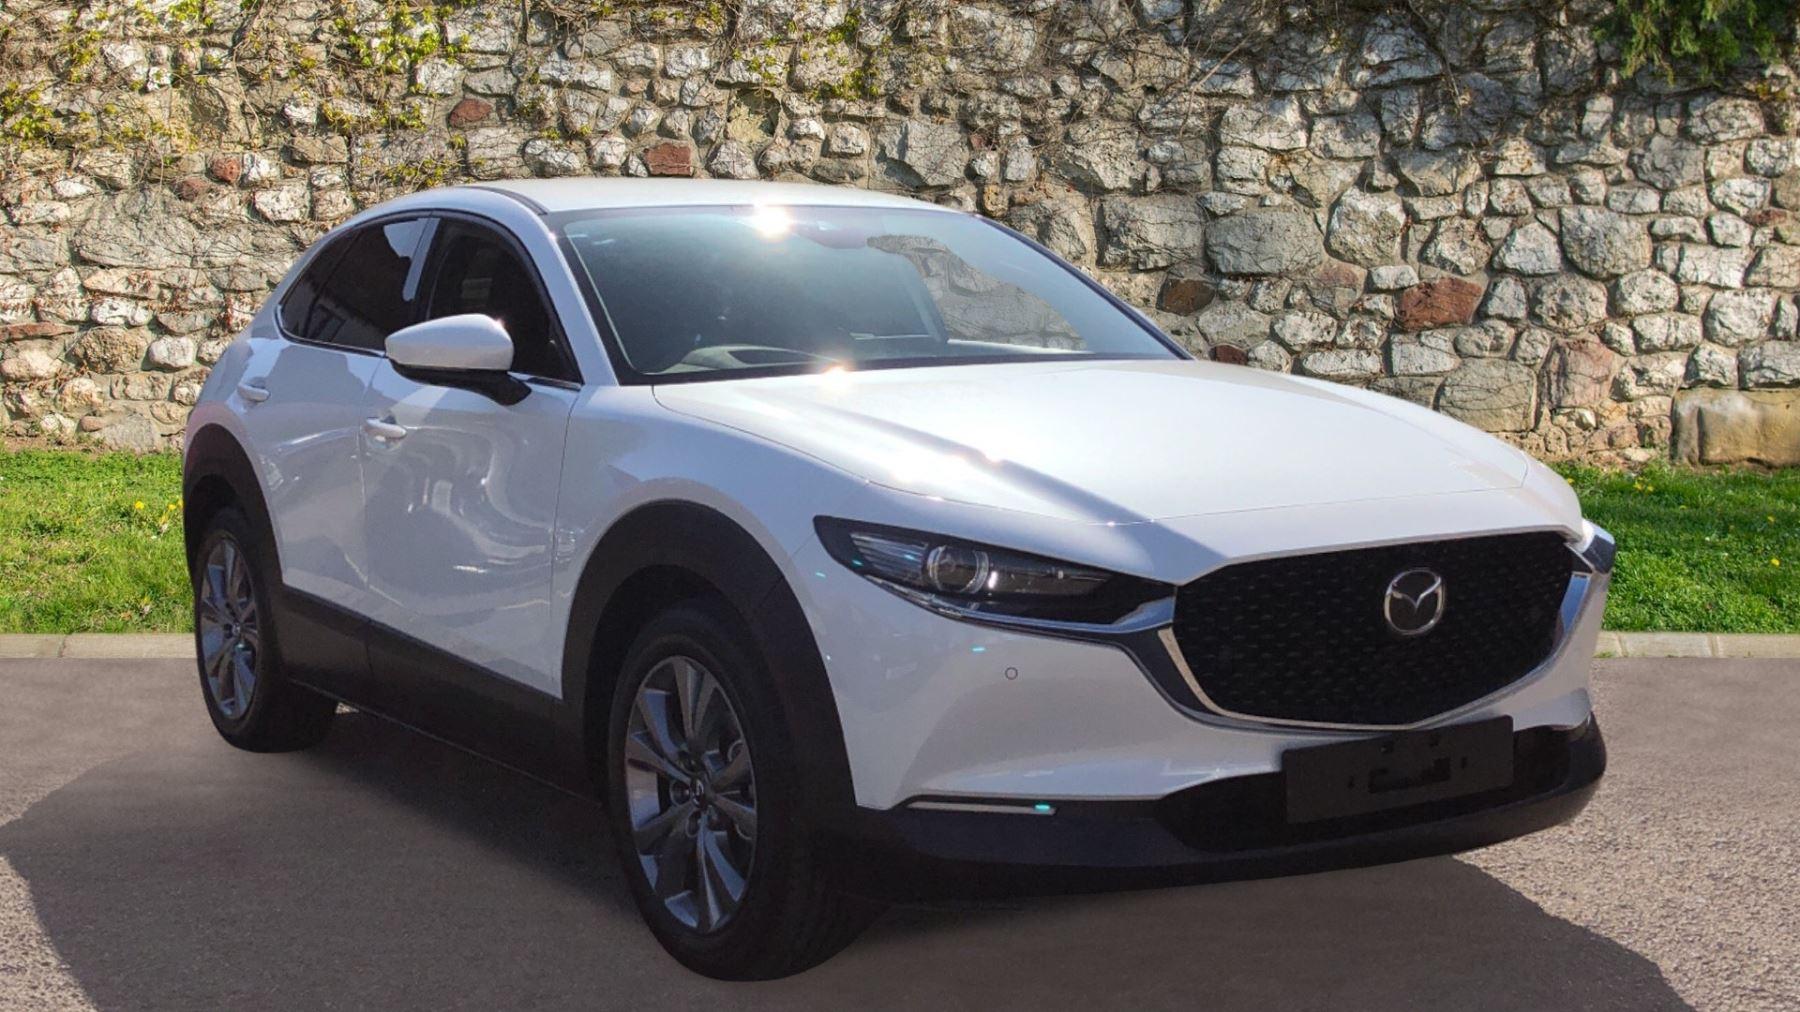 Mazda CX-30 2.0 Skyactiv-X MHEV 186 SE-L Lux 5 door Hatchback